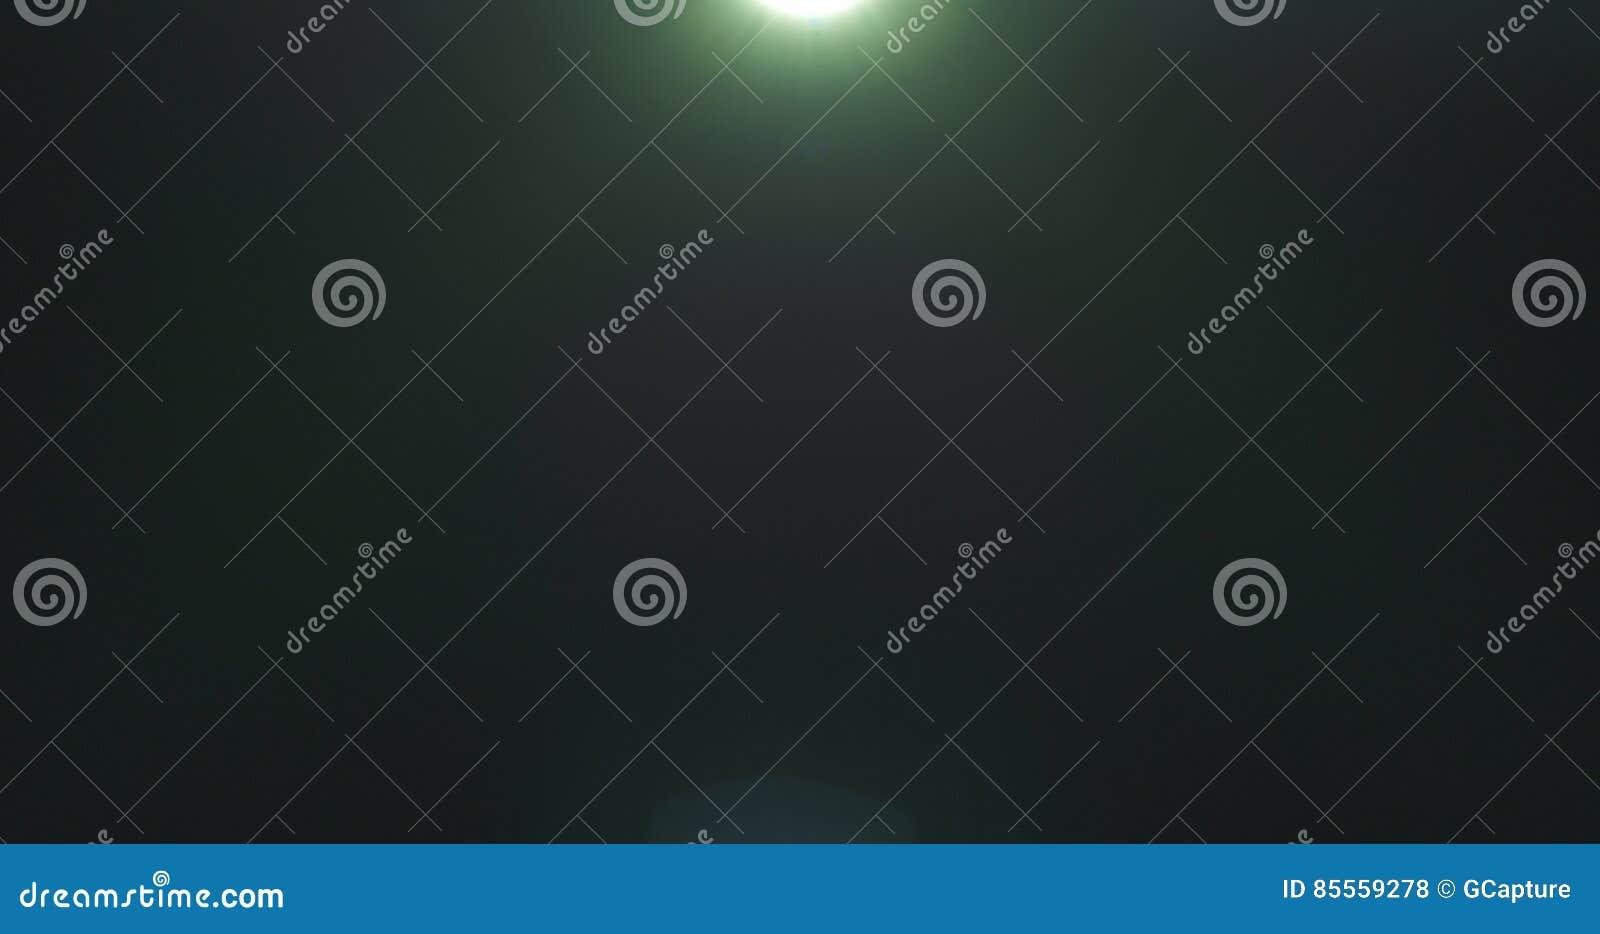 Grüne Blendenfleckartefakte über schwarzem Hintergrund für Überlagerung